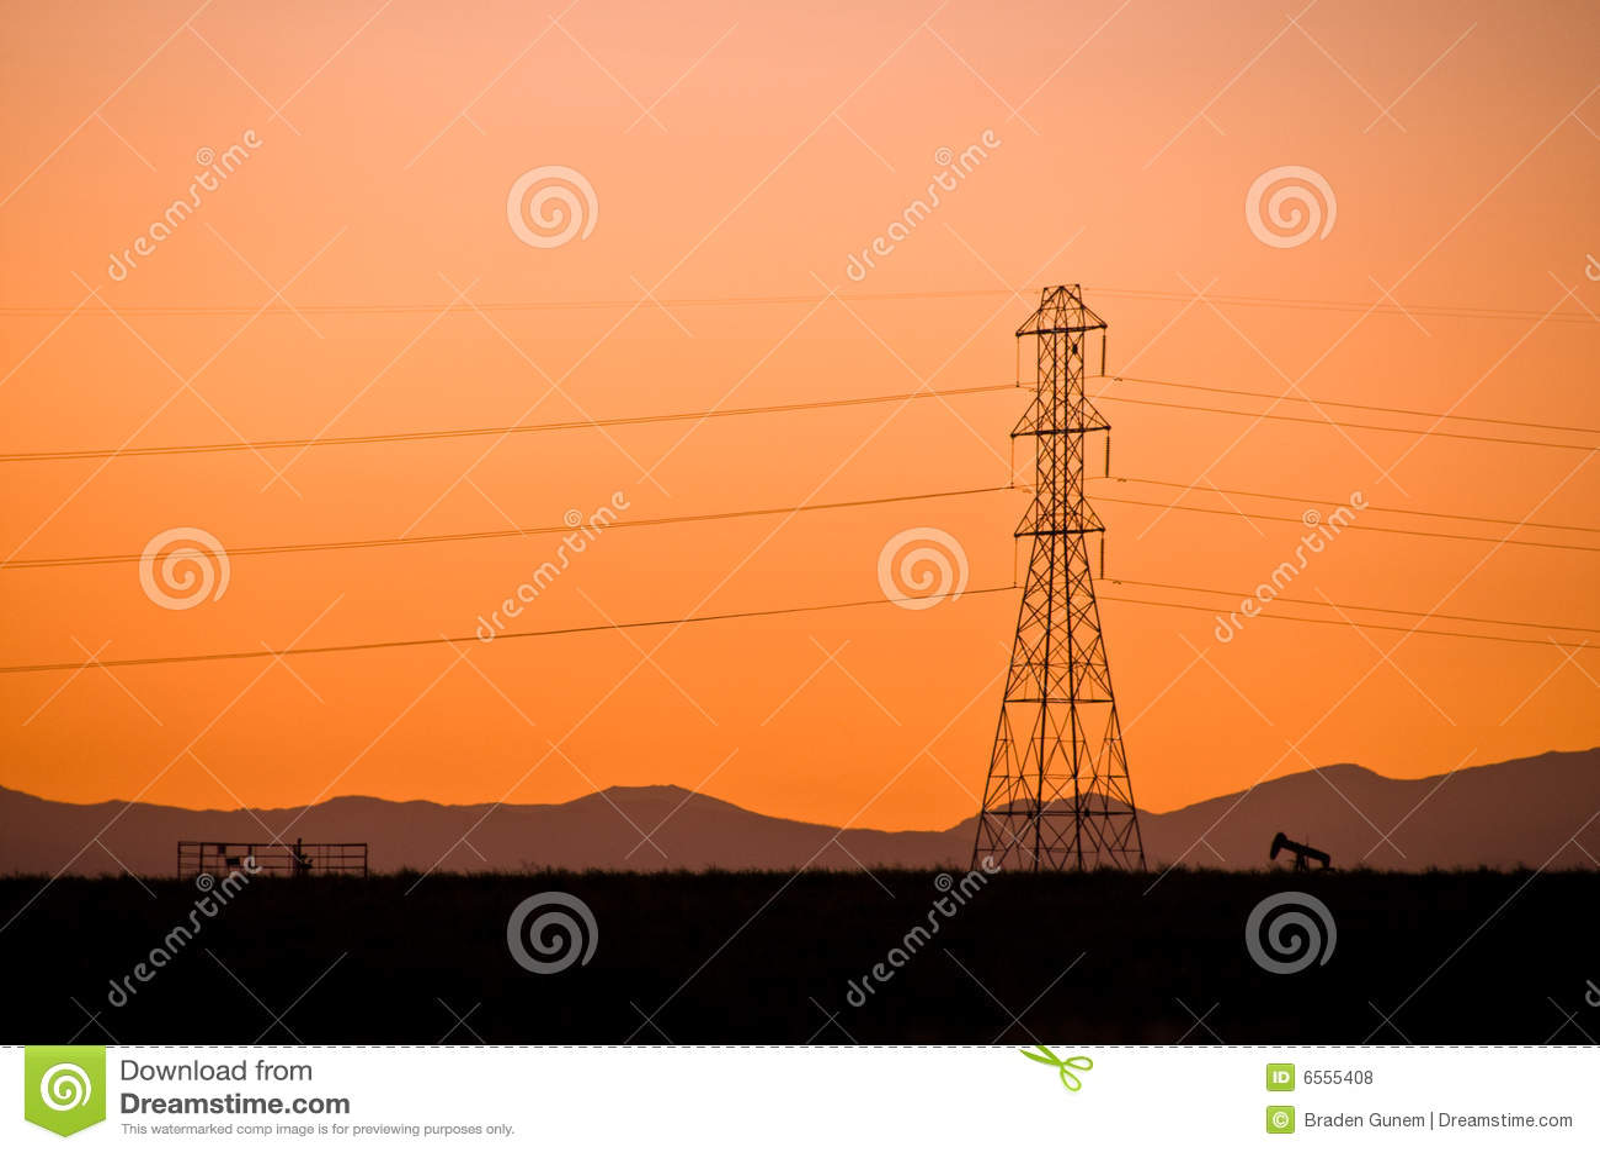 Sillouette de la línea eléctrica